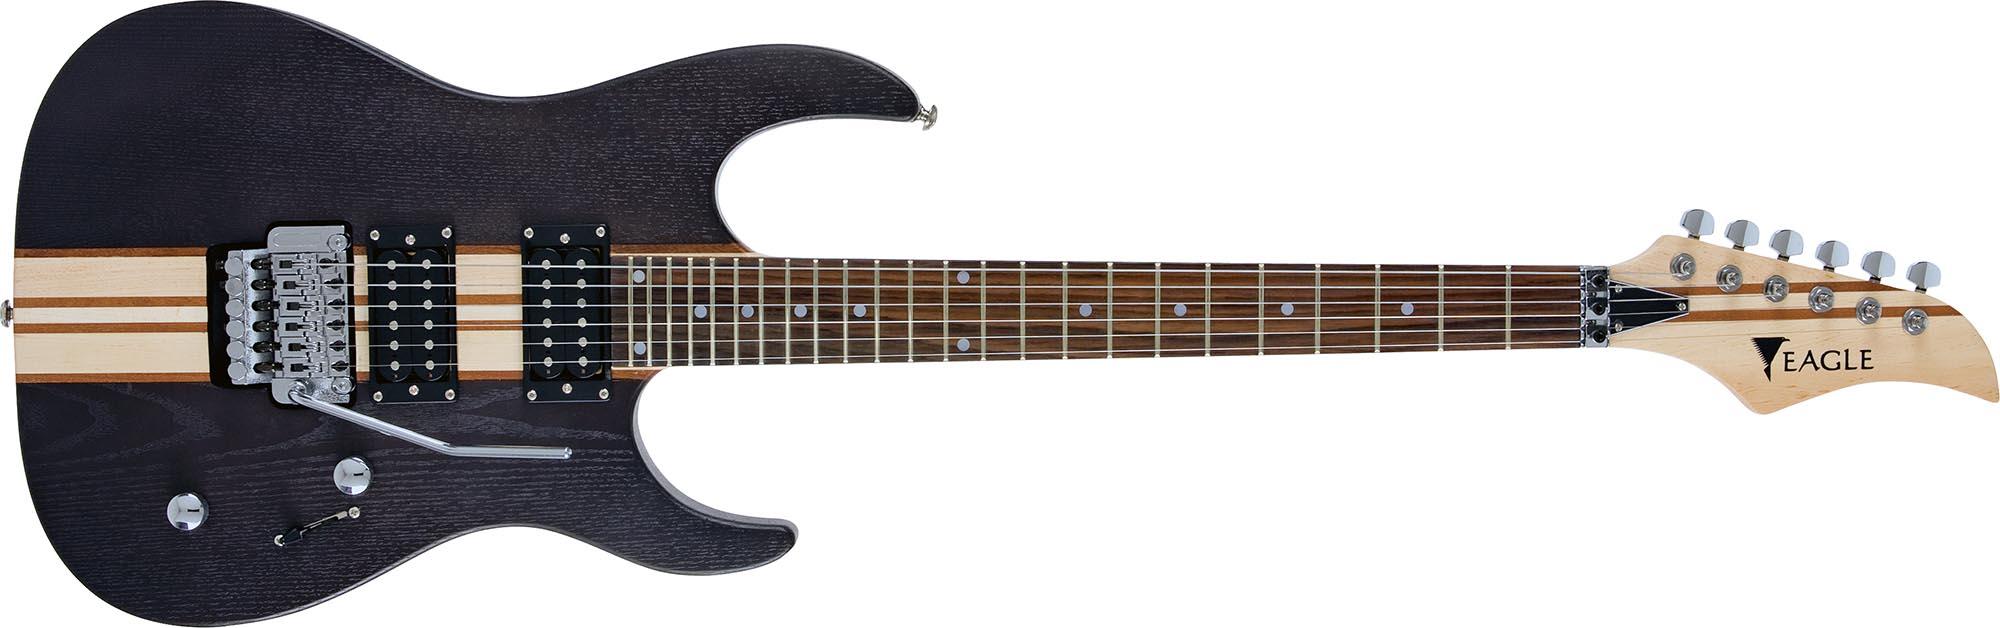 egt61 guitarra eletrica captador humbucker corpo inteirico floyd rose eagle egt61 tbk preta visao frontal